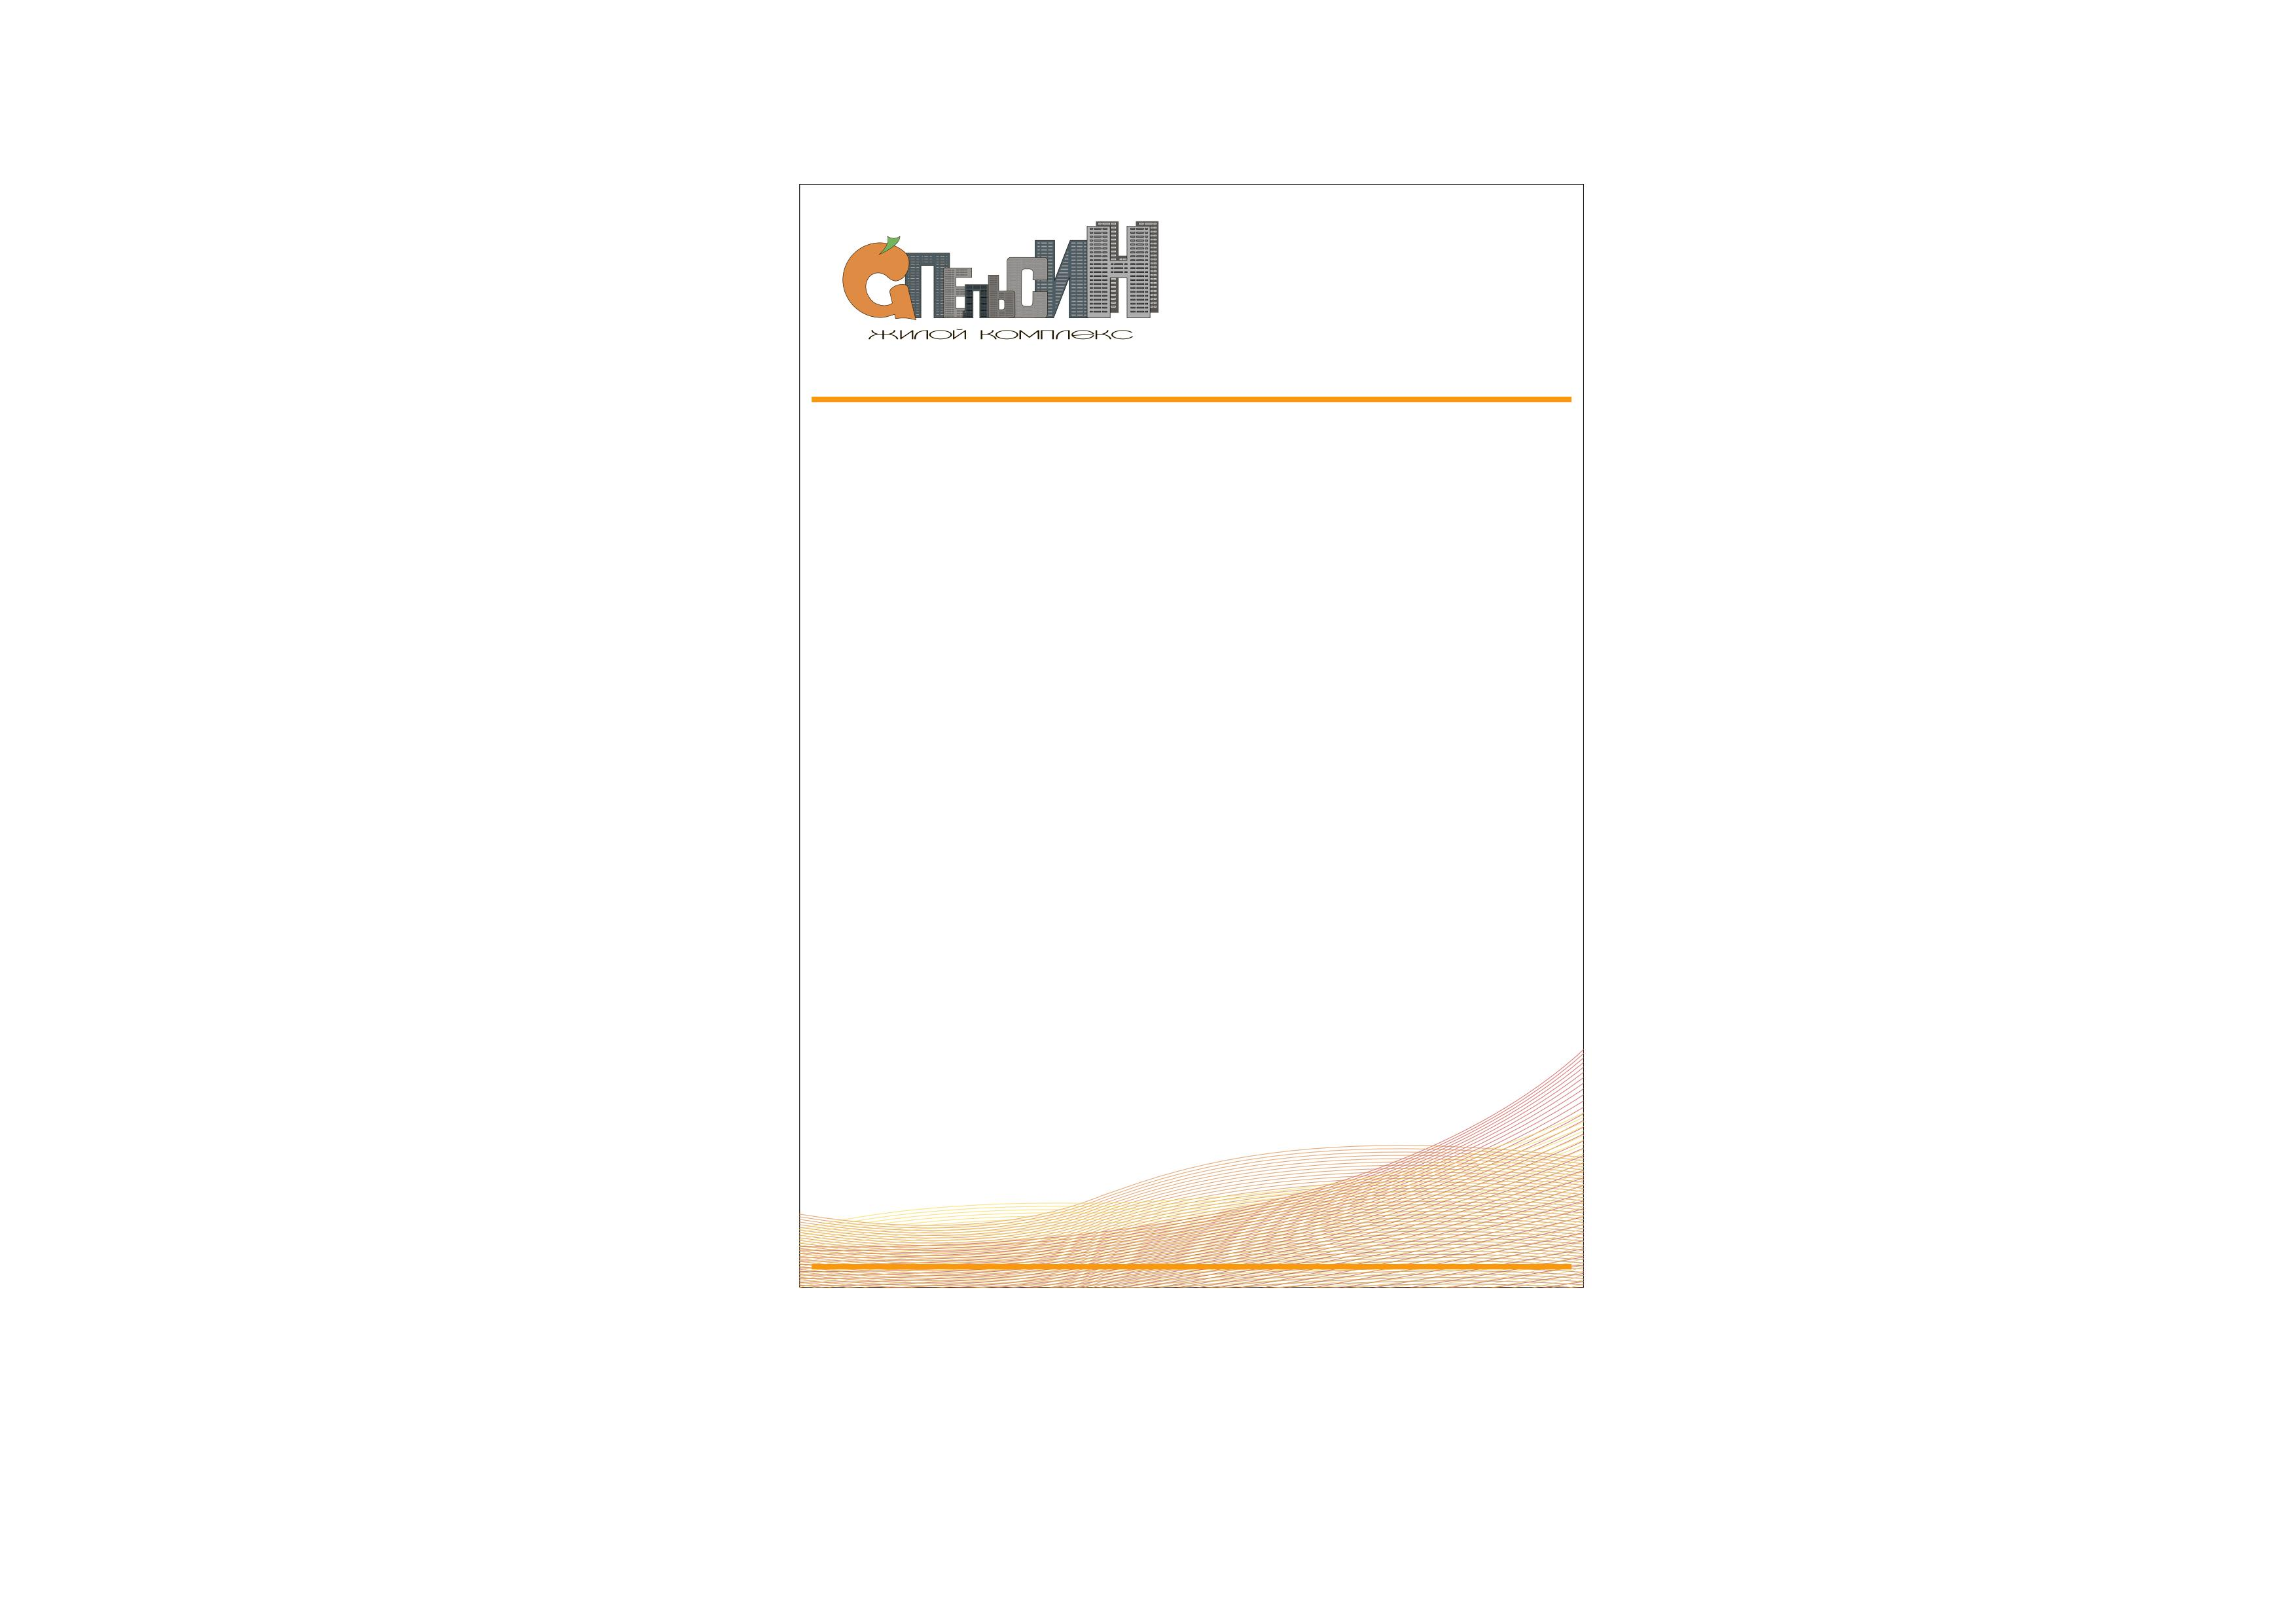 Логотип и фирменный стиль фото f_6185a688f313afaf.jpg